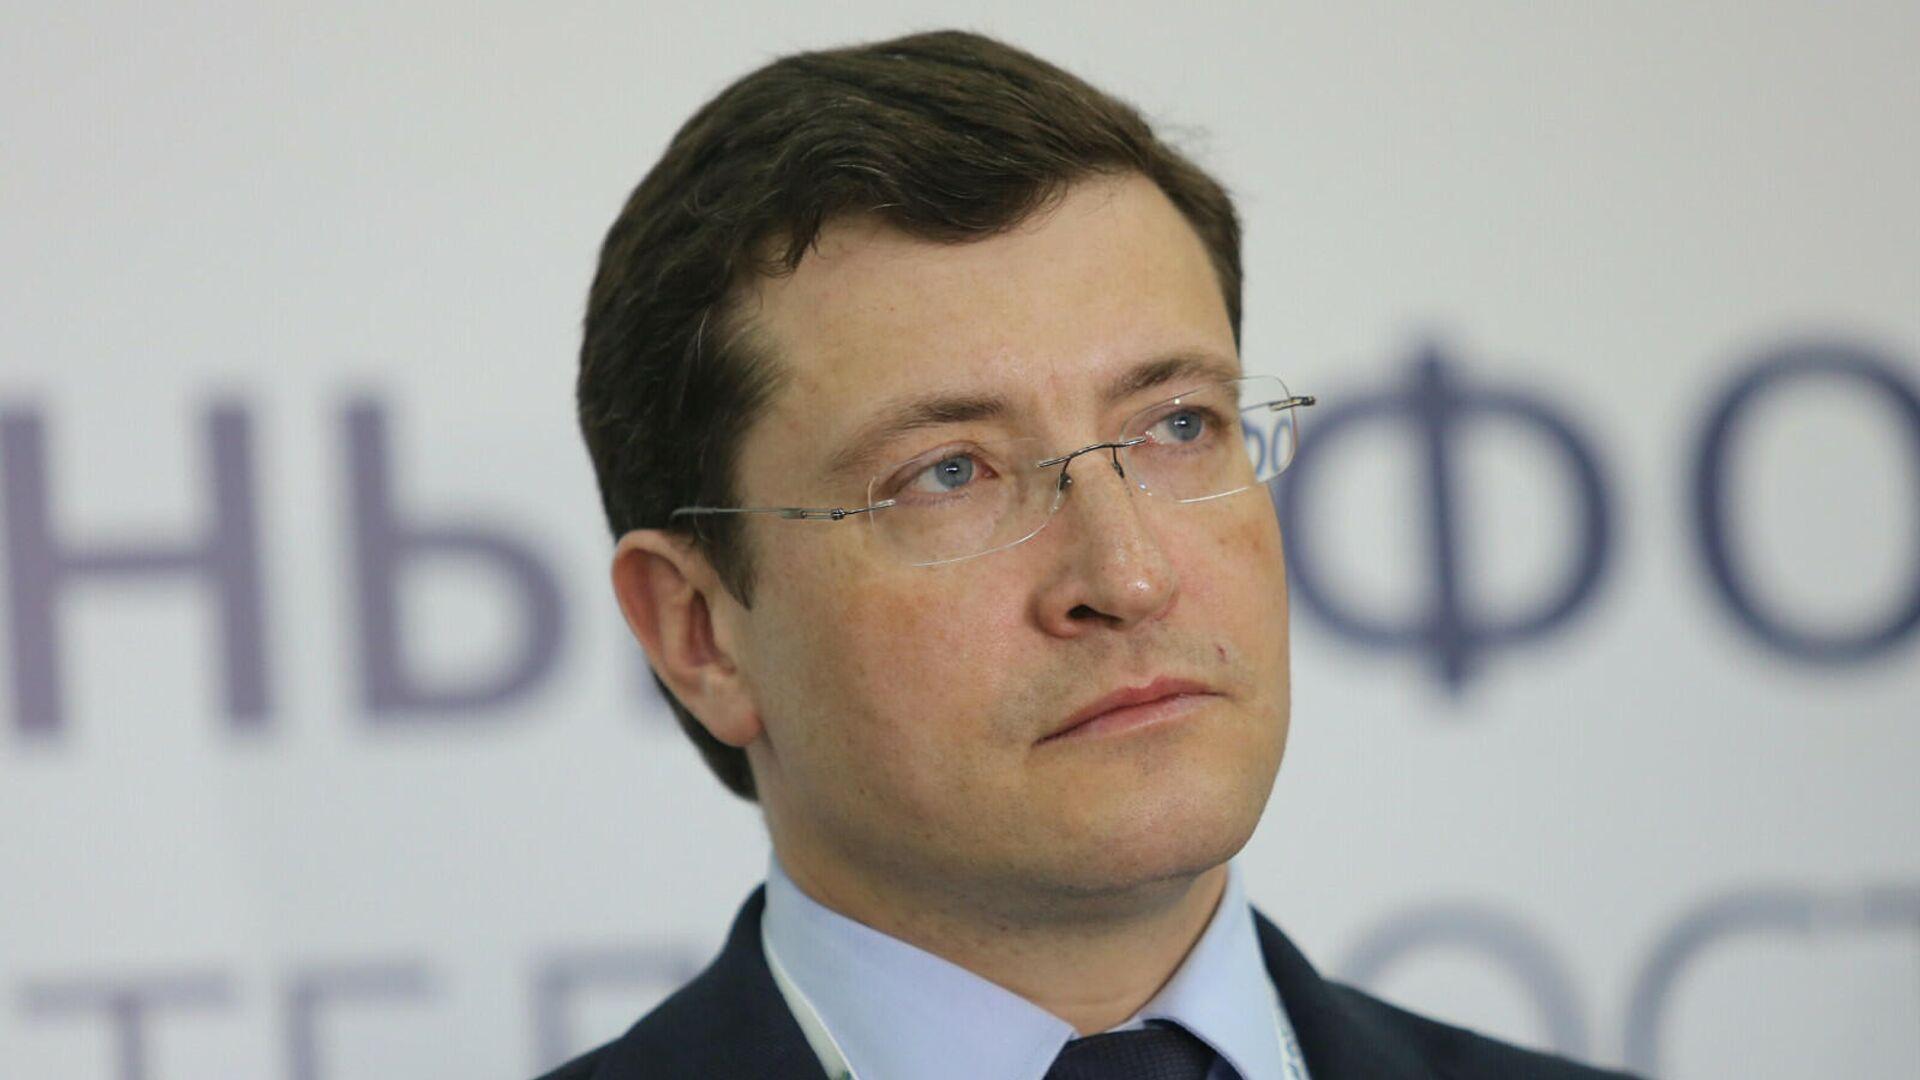 Никитин представил Путину программу развития нижегородской агломерации